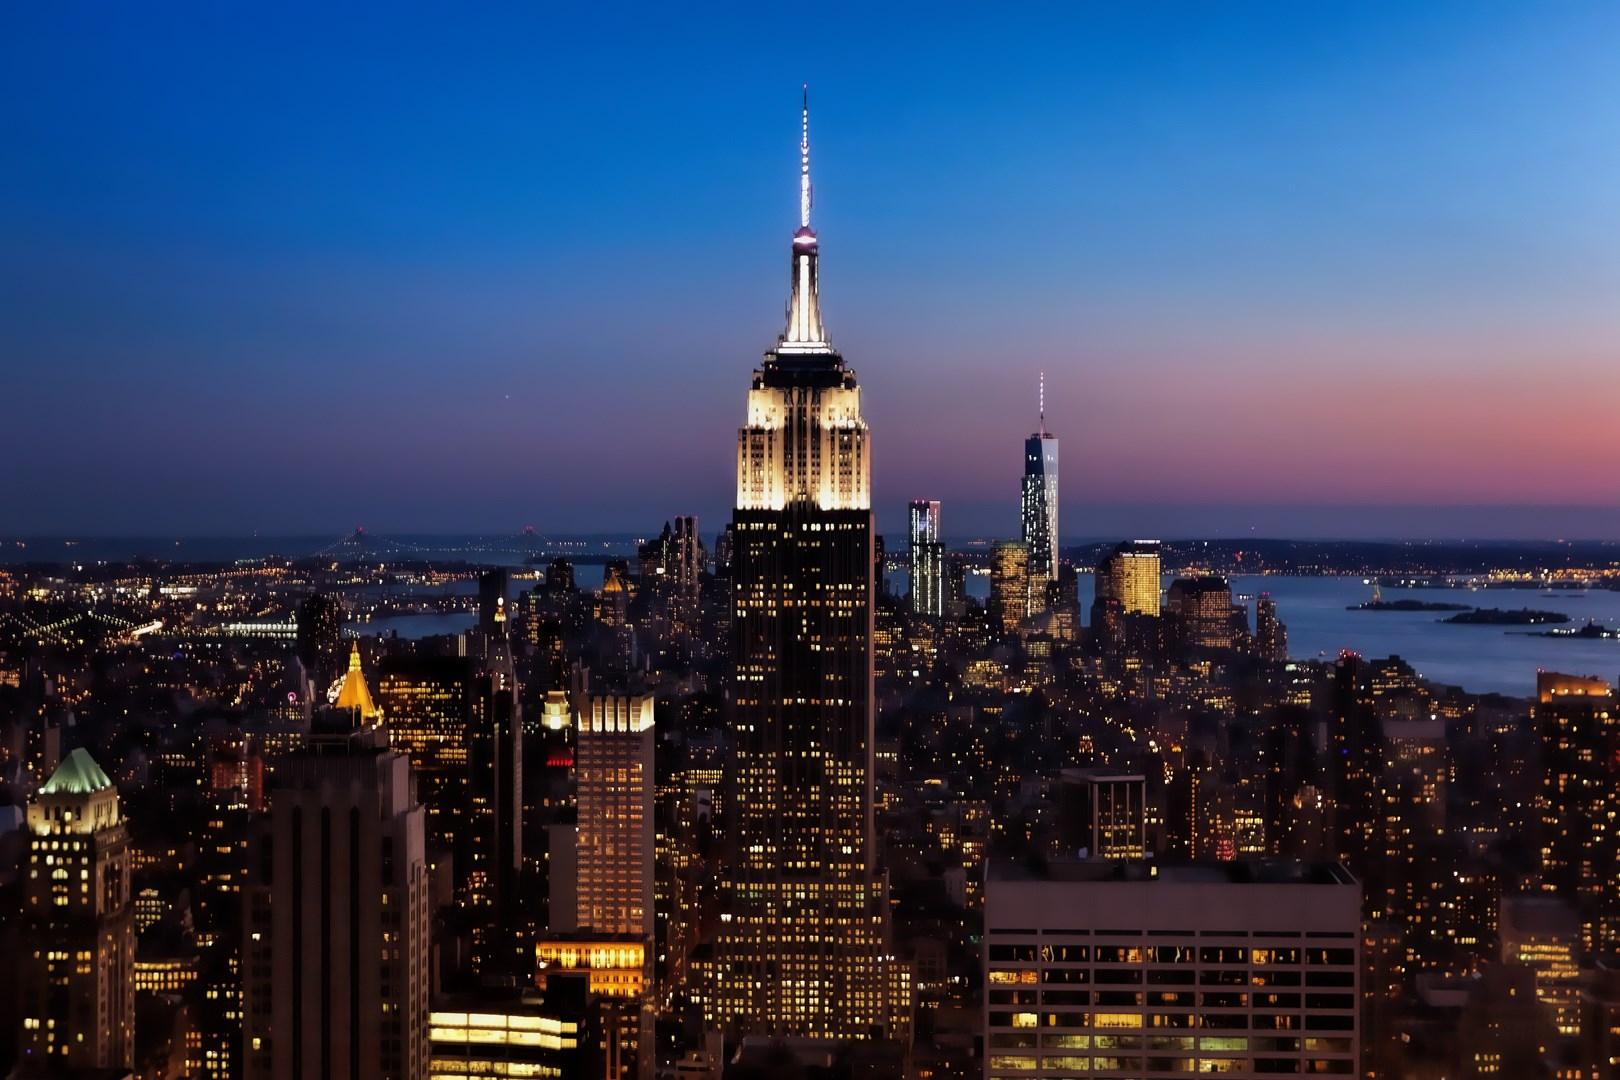 hintergrundbilder stadt licht sonnenuntergang himmel usa new york wasser nacht. Black Bedroom Furniture Sets. Home Design Ideas